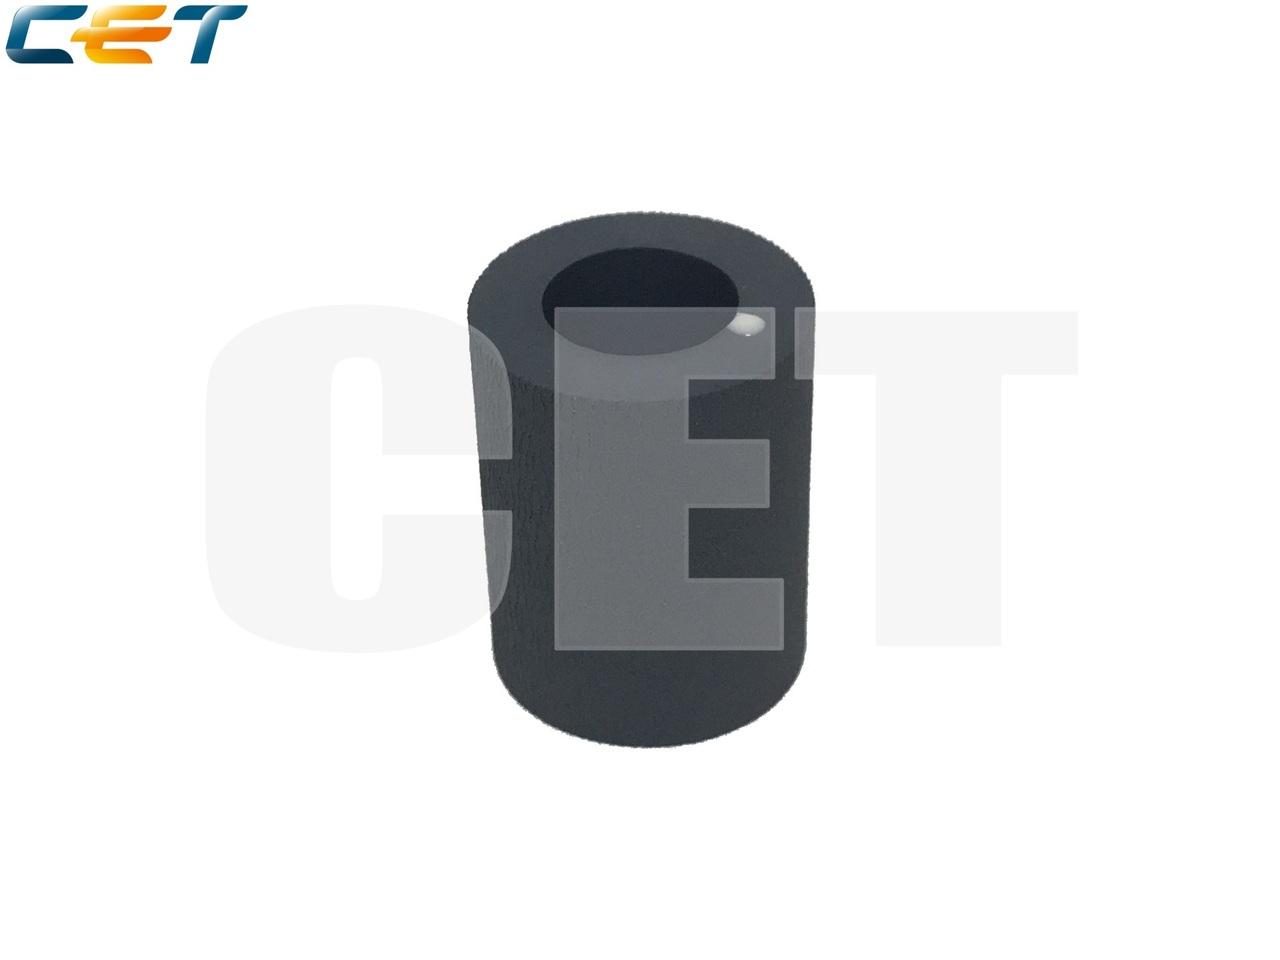 Резинка ролика отделения 2AR07230 для KYOCERAKM-1620/1635/2035/2530/3035 (CET), CET8853